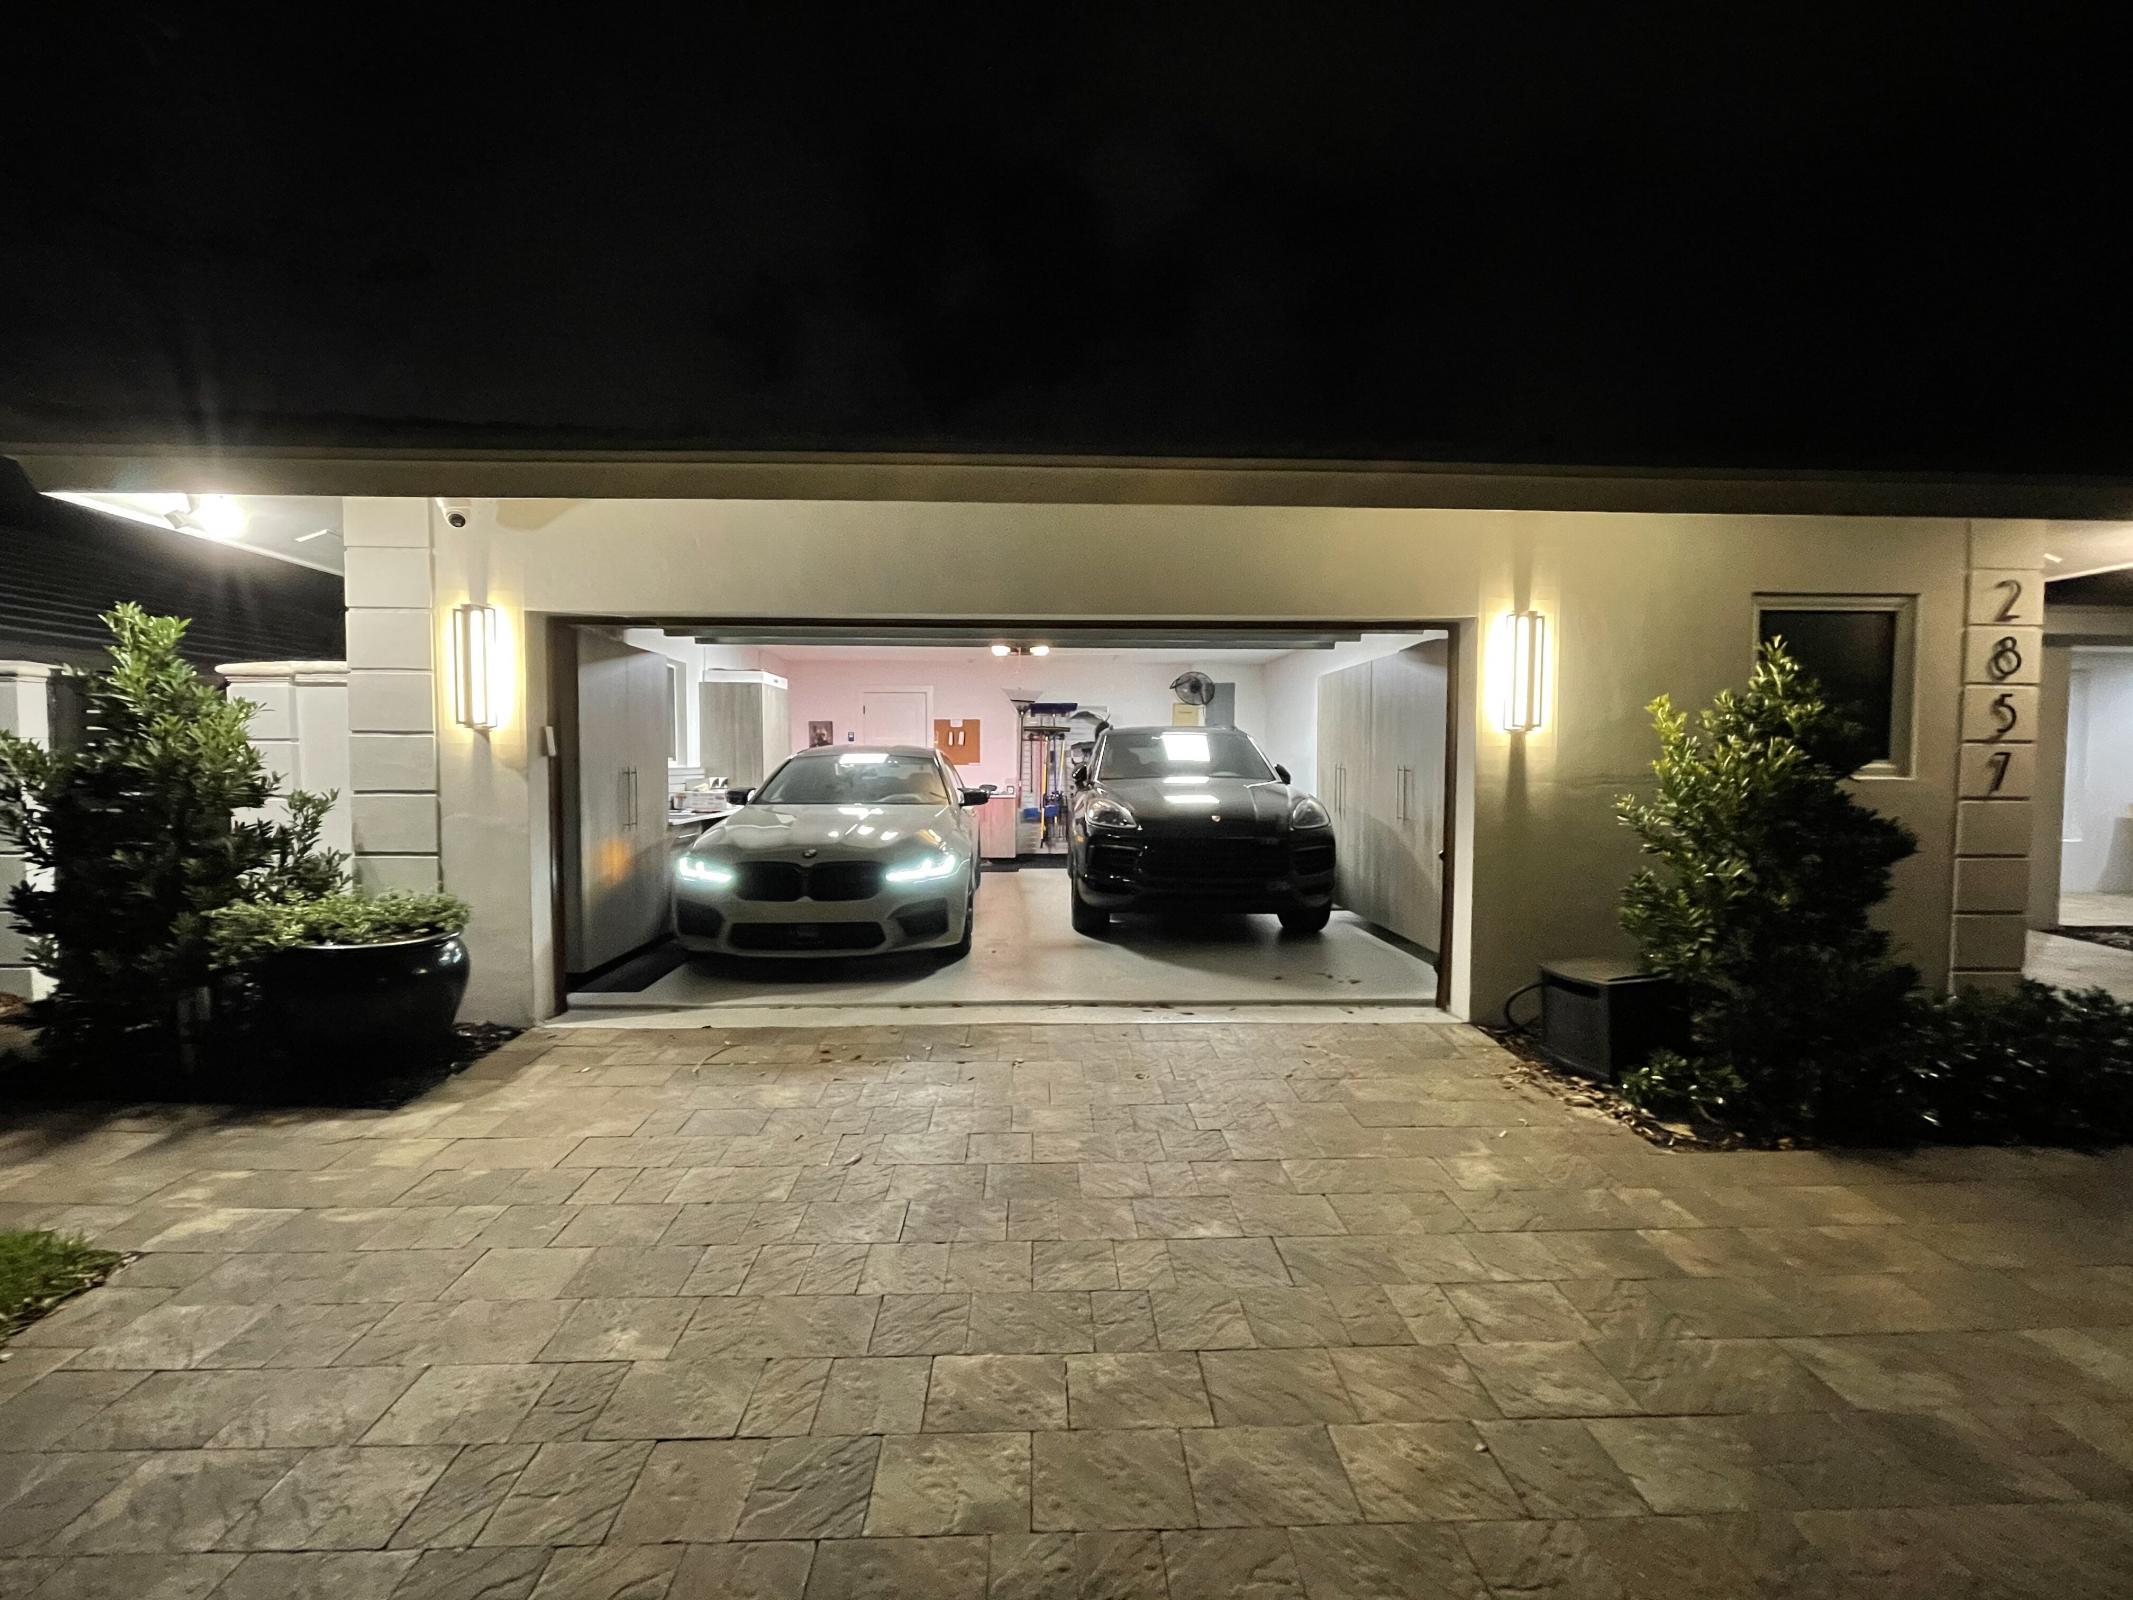 Pavadinimas: HOME X 2 CARS.jpg Peržiūros: 3499 Dydis: 361.5 KB